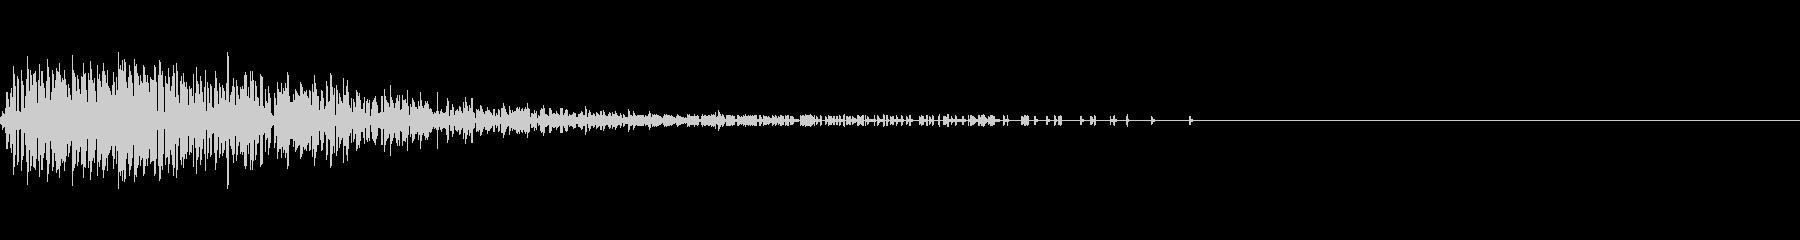 Noise デジタルノイズ 爆発の未再生の波形